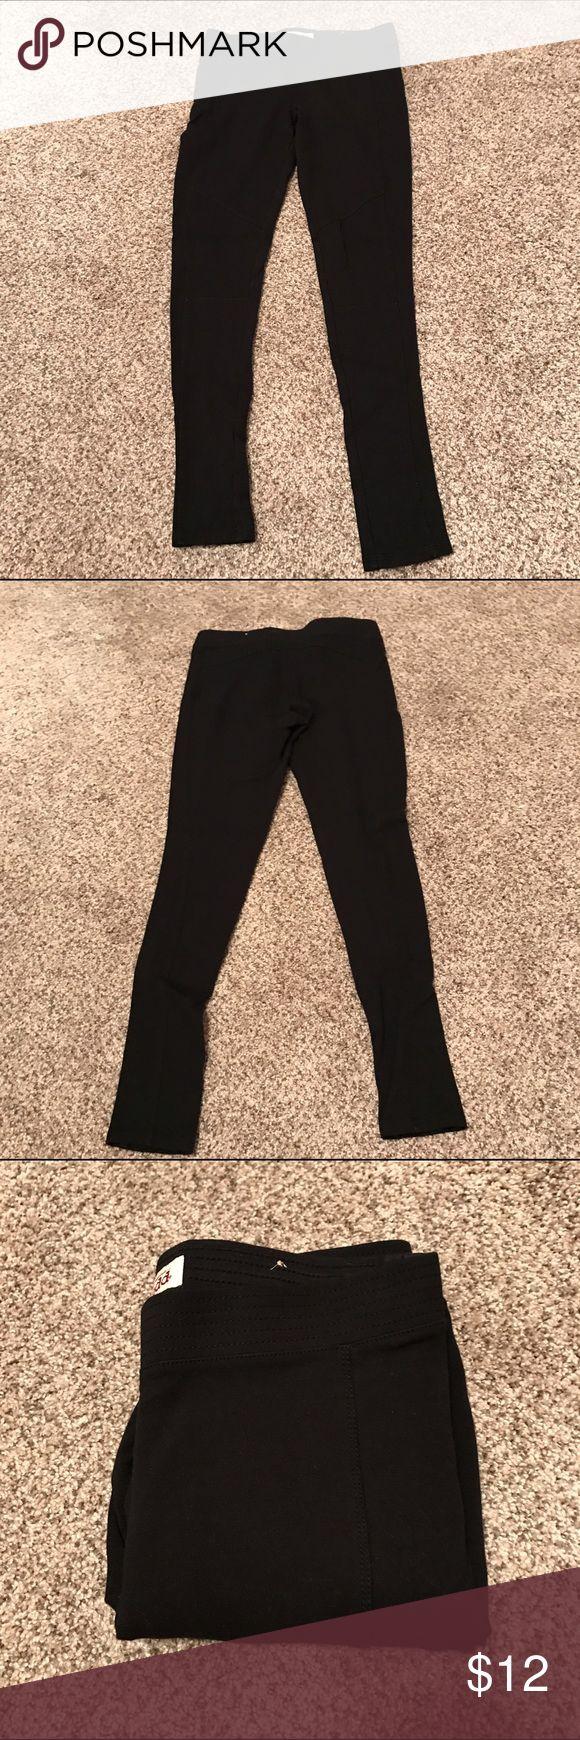 Thick black leggings Black leggings Other